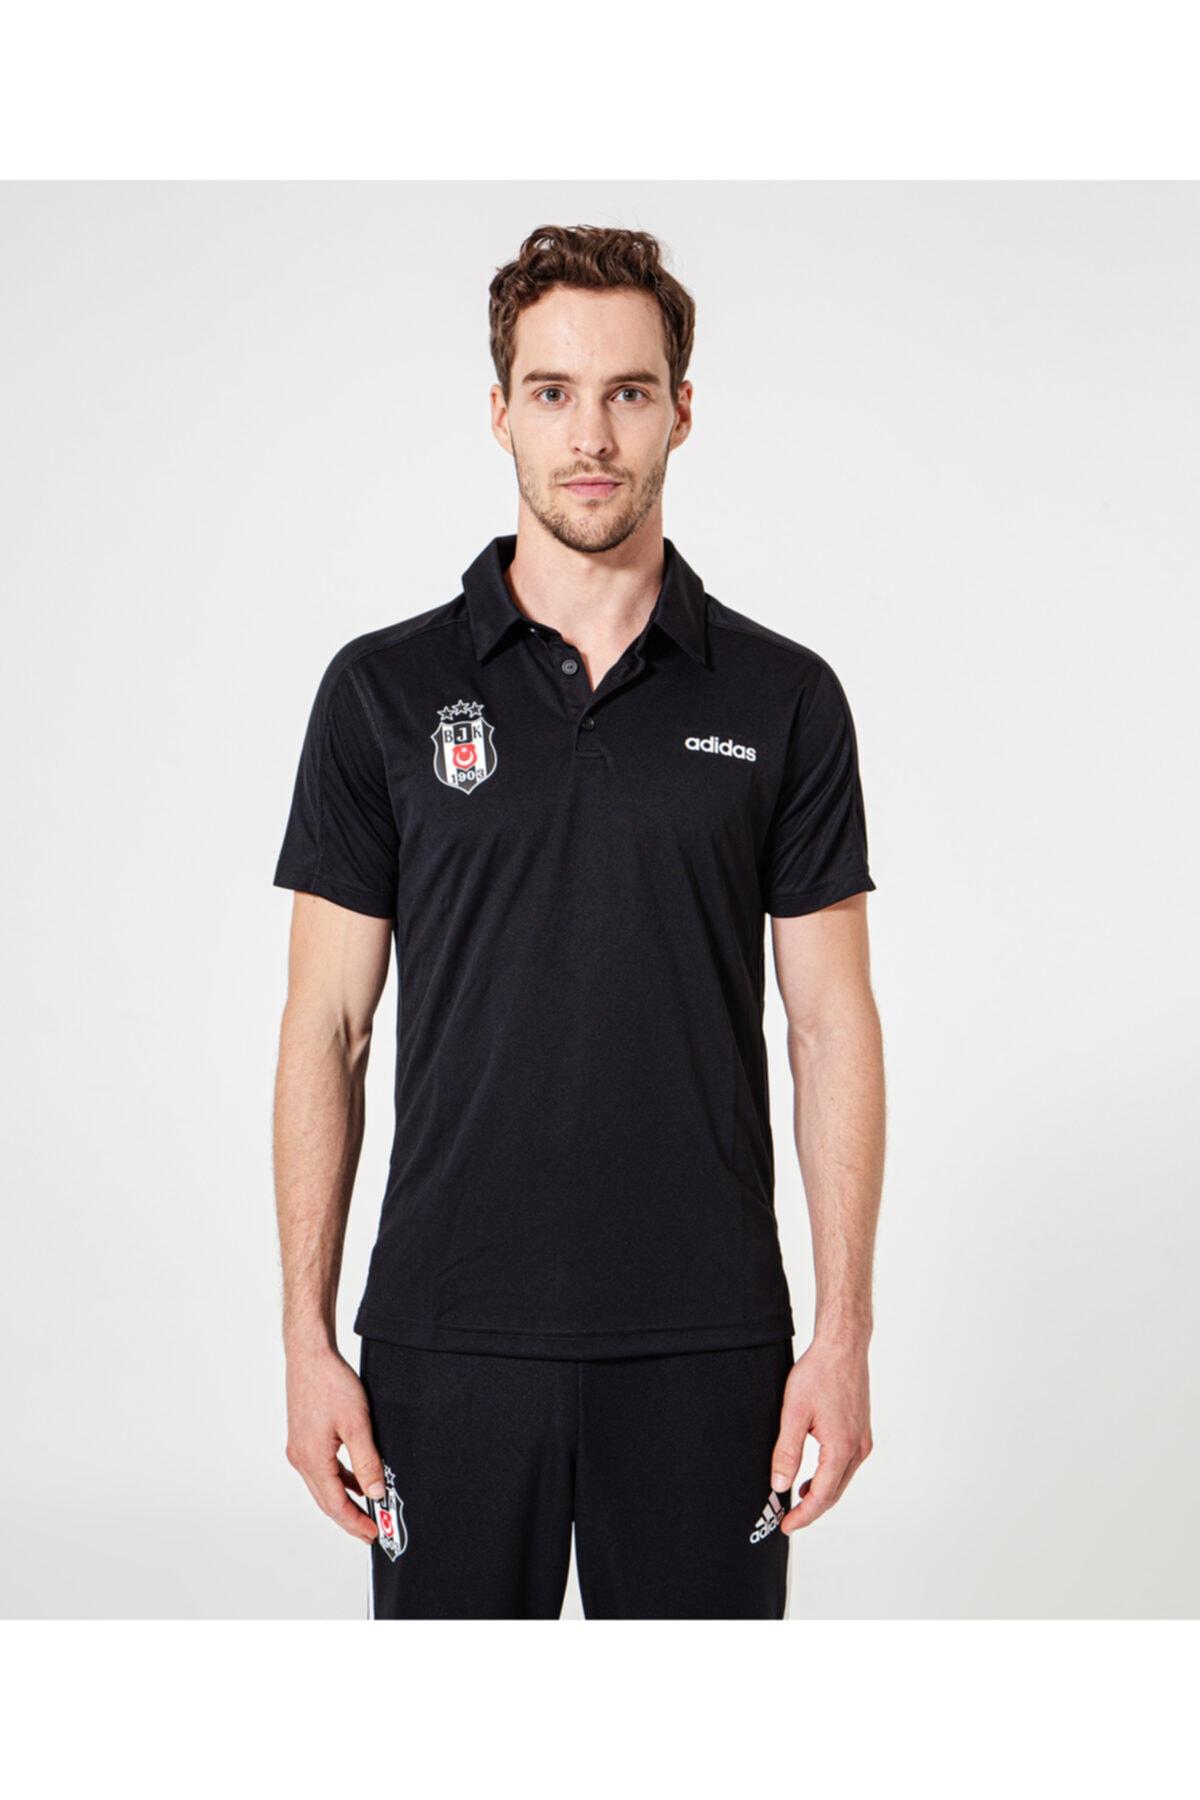 Beşiktaş D2M CCOOL POLO Siyah Erkek Kısa Kol T-Shirt 101117588